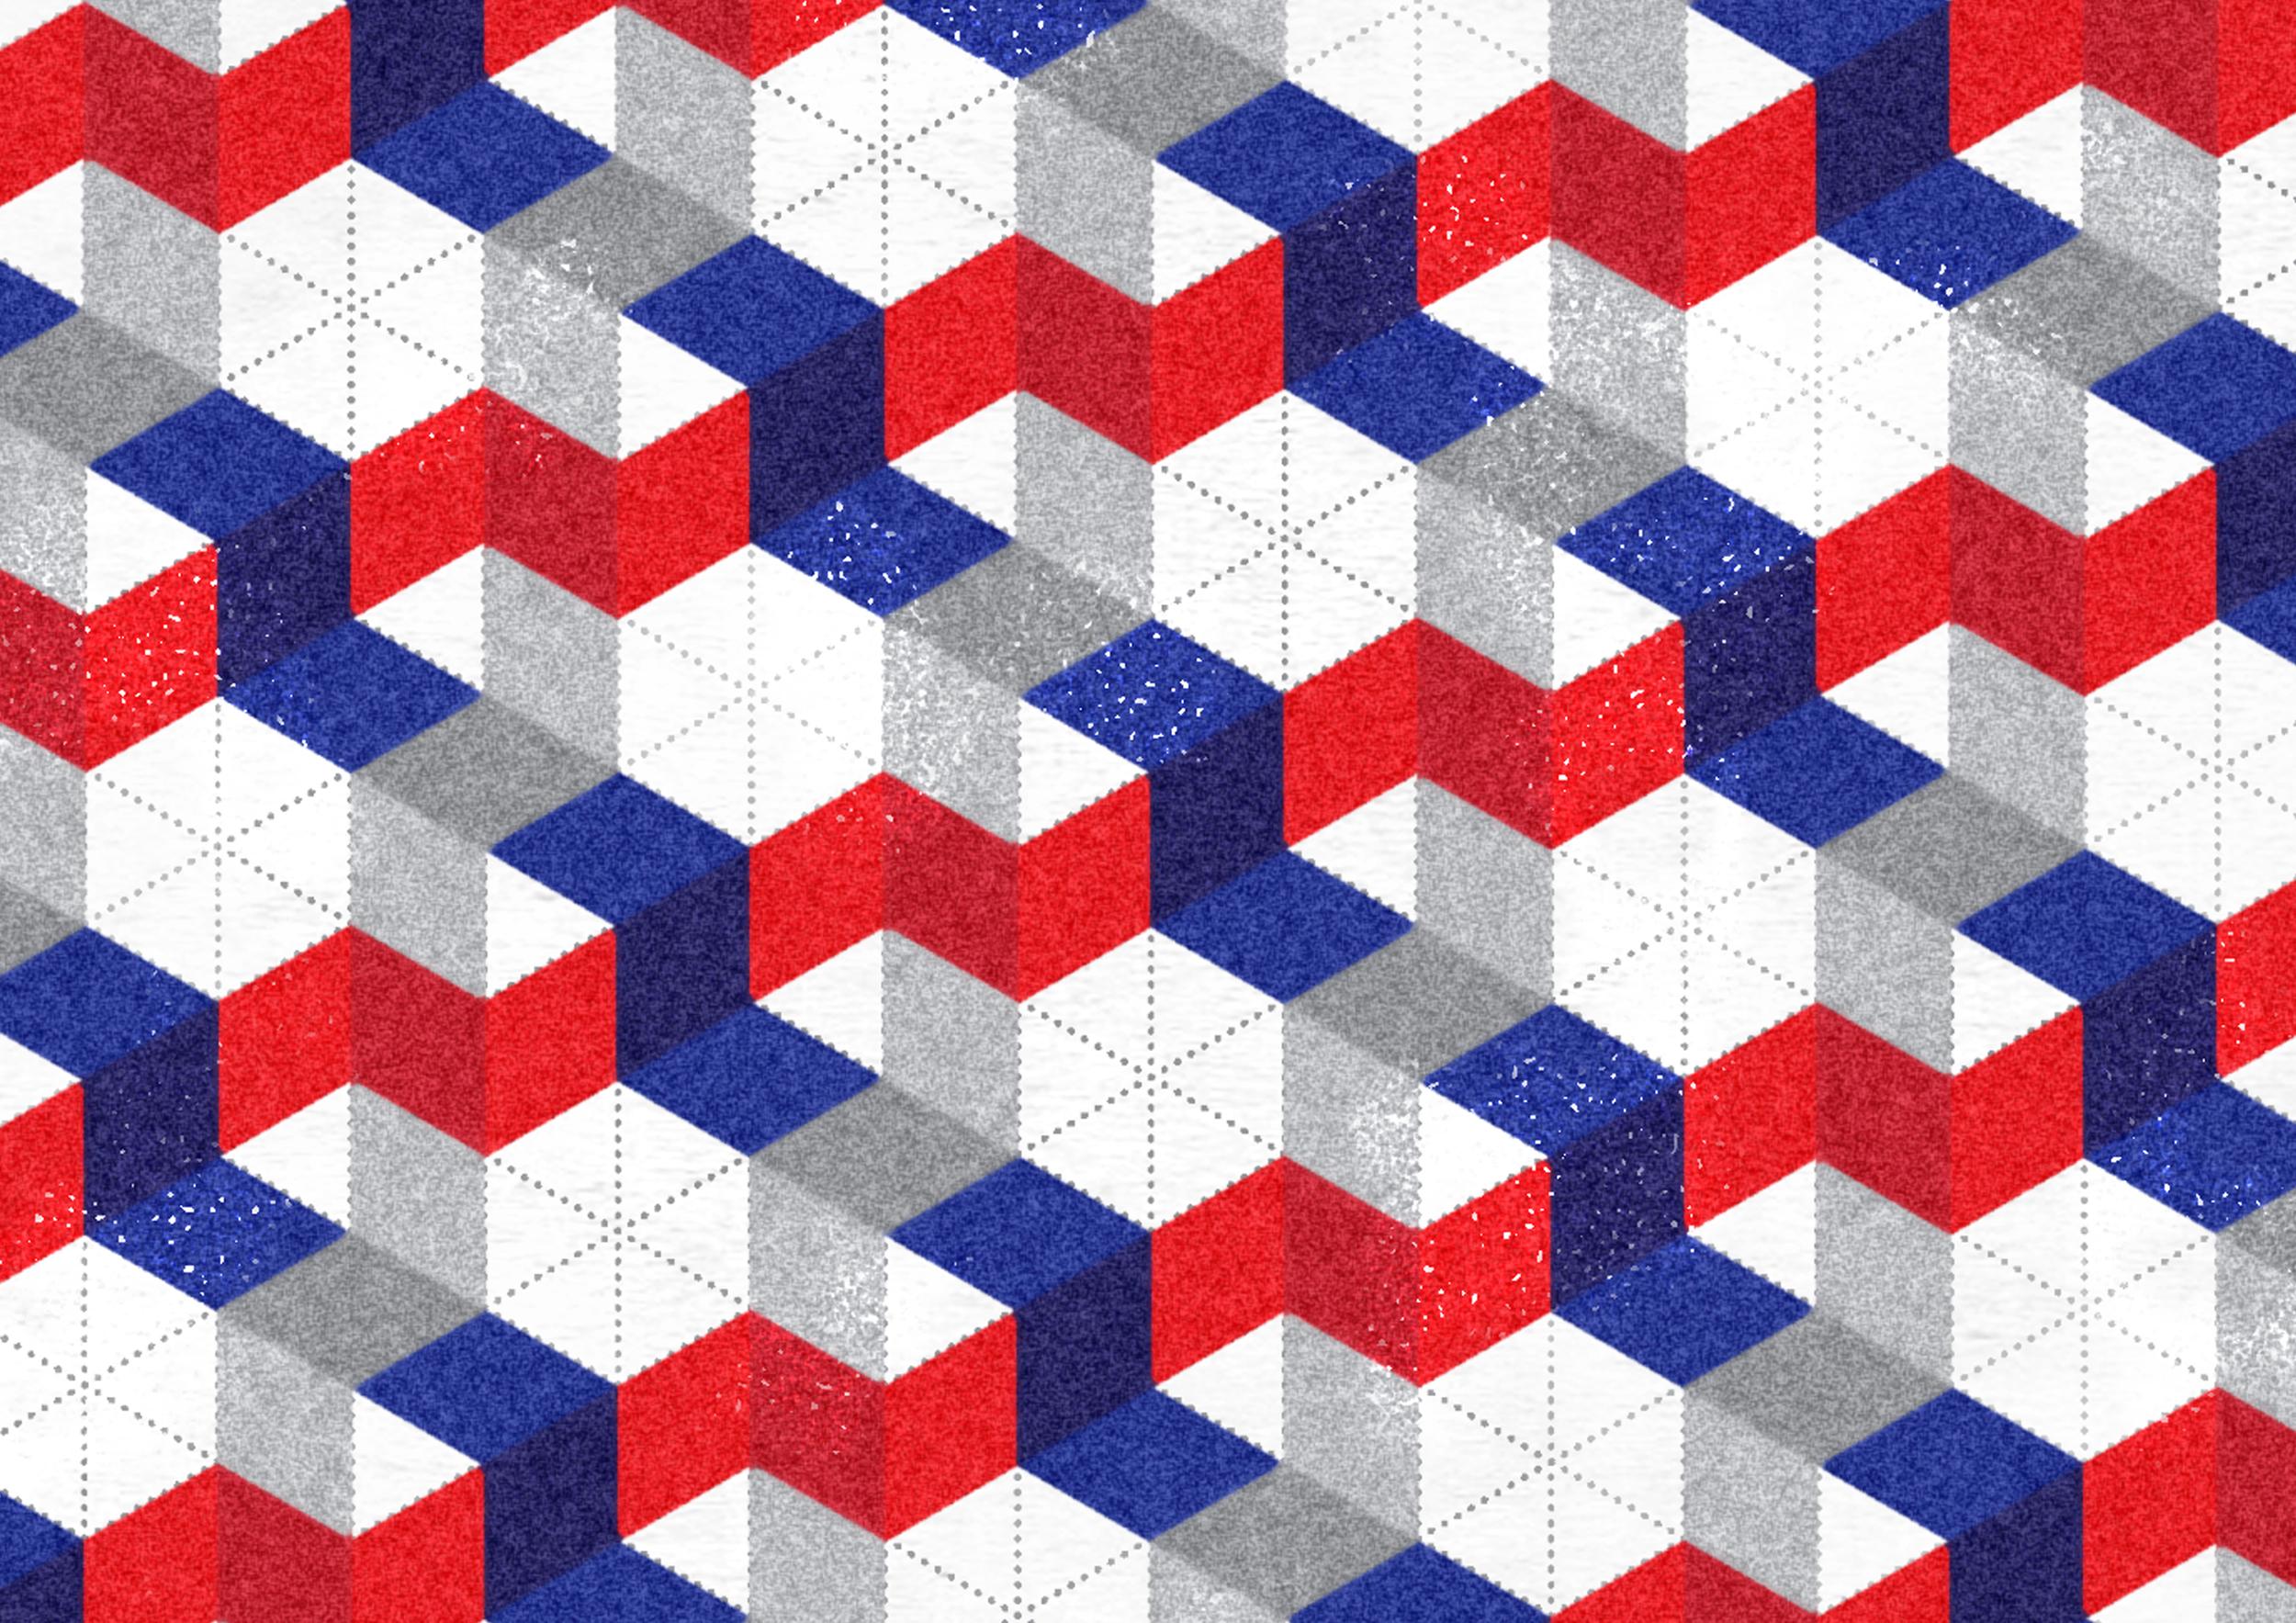 130525_Isometric-Folds-Render_Detail2.jpg